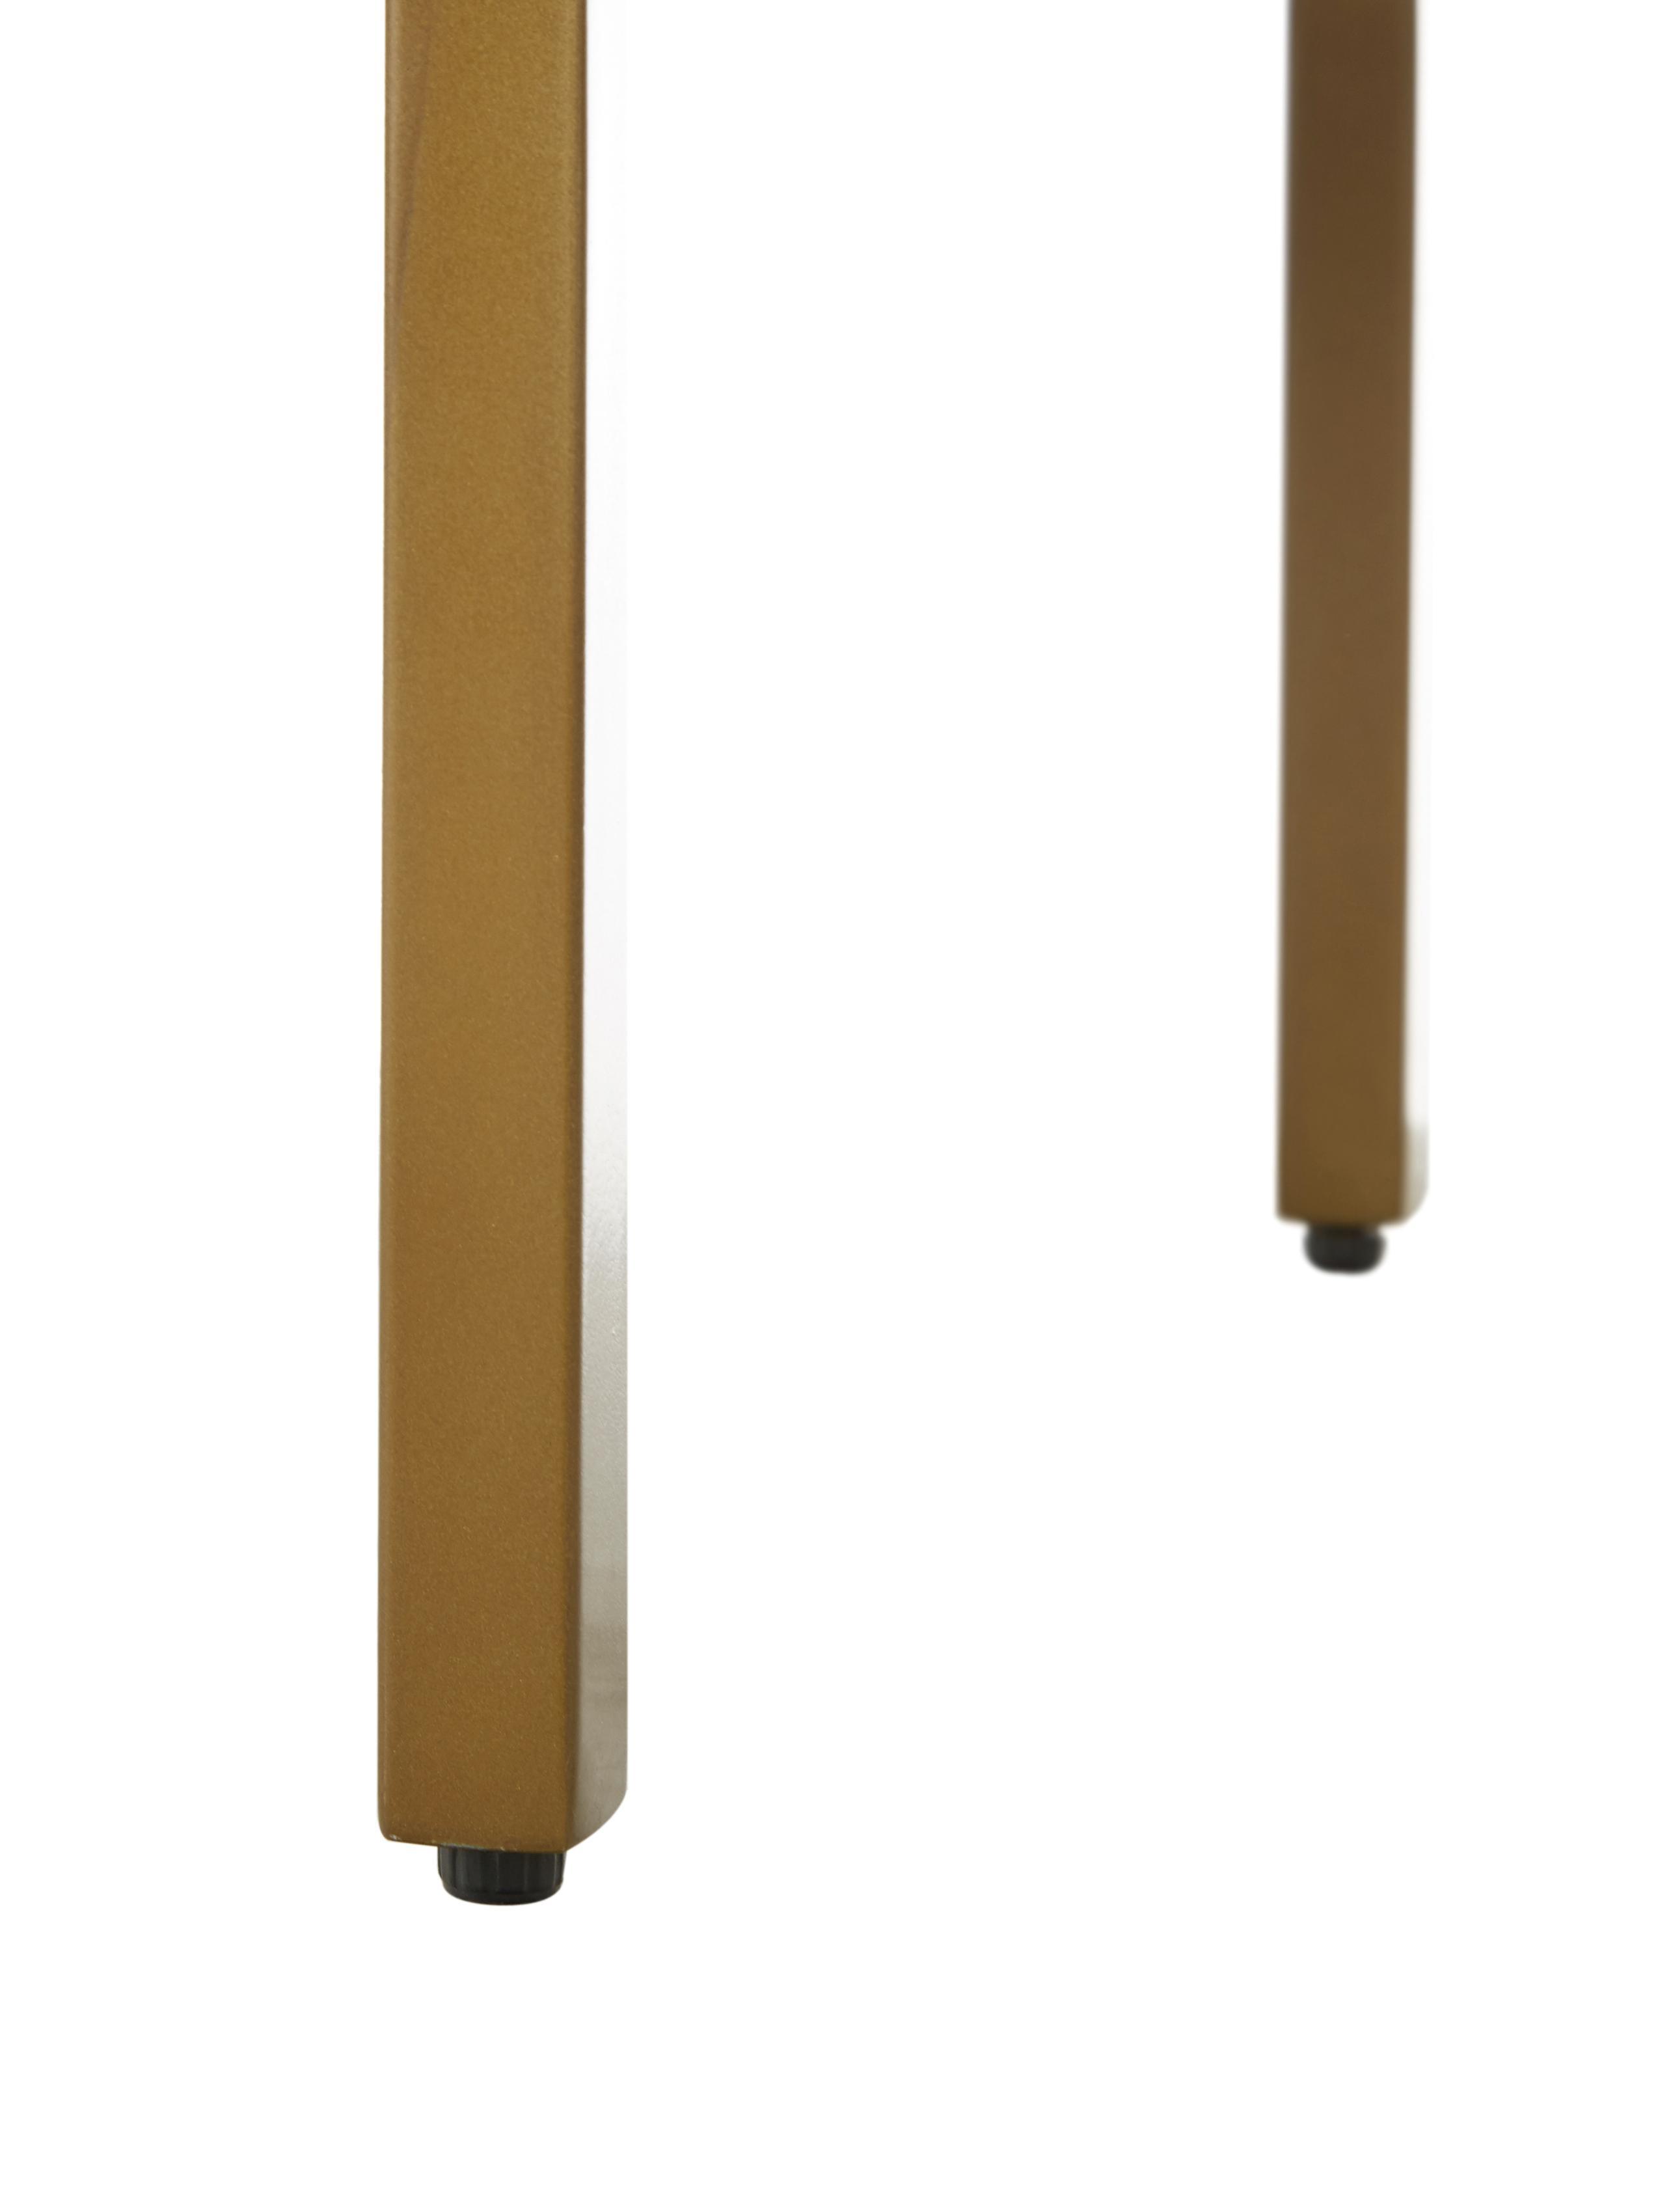 Lowboard Rasmus aus Massivholz, Korpus: Massives Mangoholz, lacki, Füße: Metall, pulverbeschichtet, Griffe: Metall, pulverbeschichtet, Korpus: Mangoholz, lackiertFüße: Goldfarben, mattGriffe: Goldfarben, matt, 180 x 60 cm